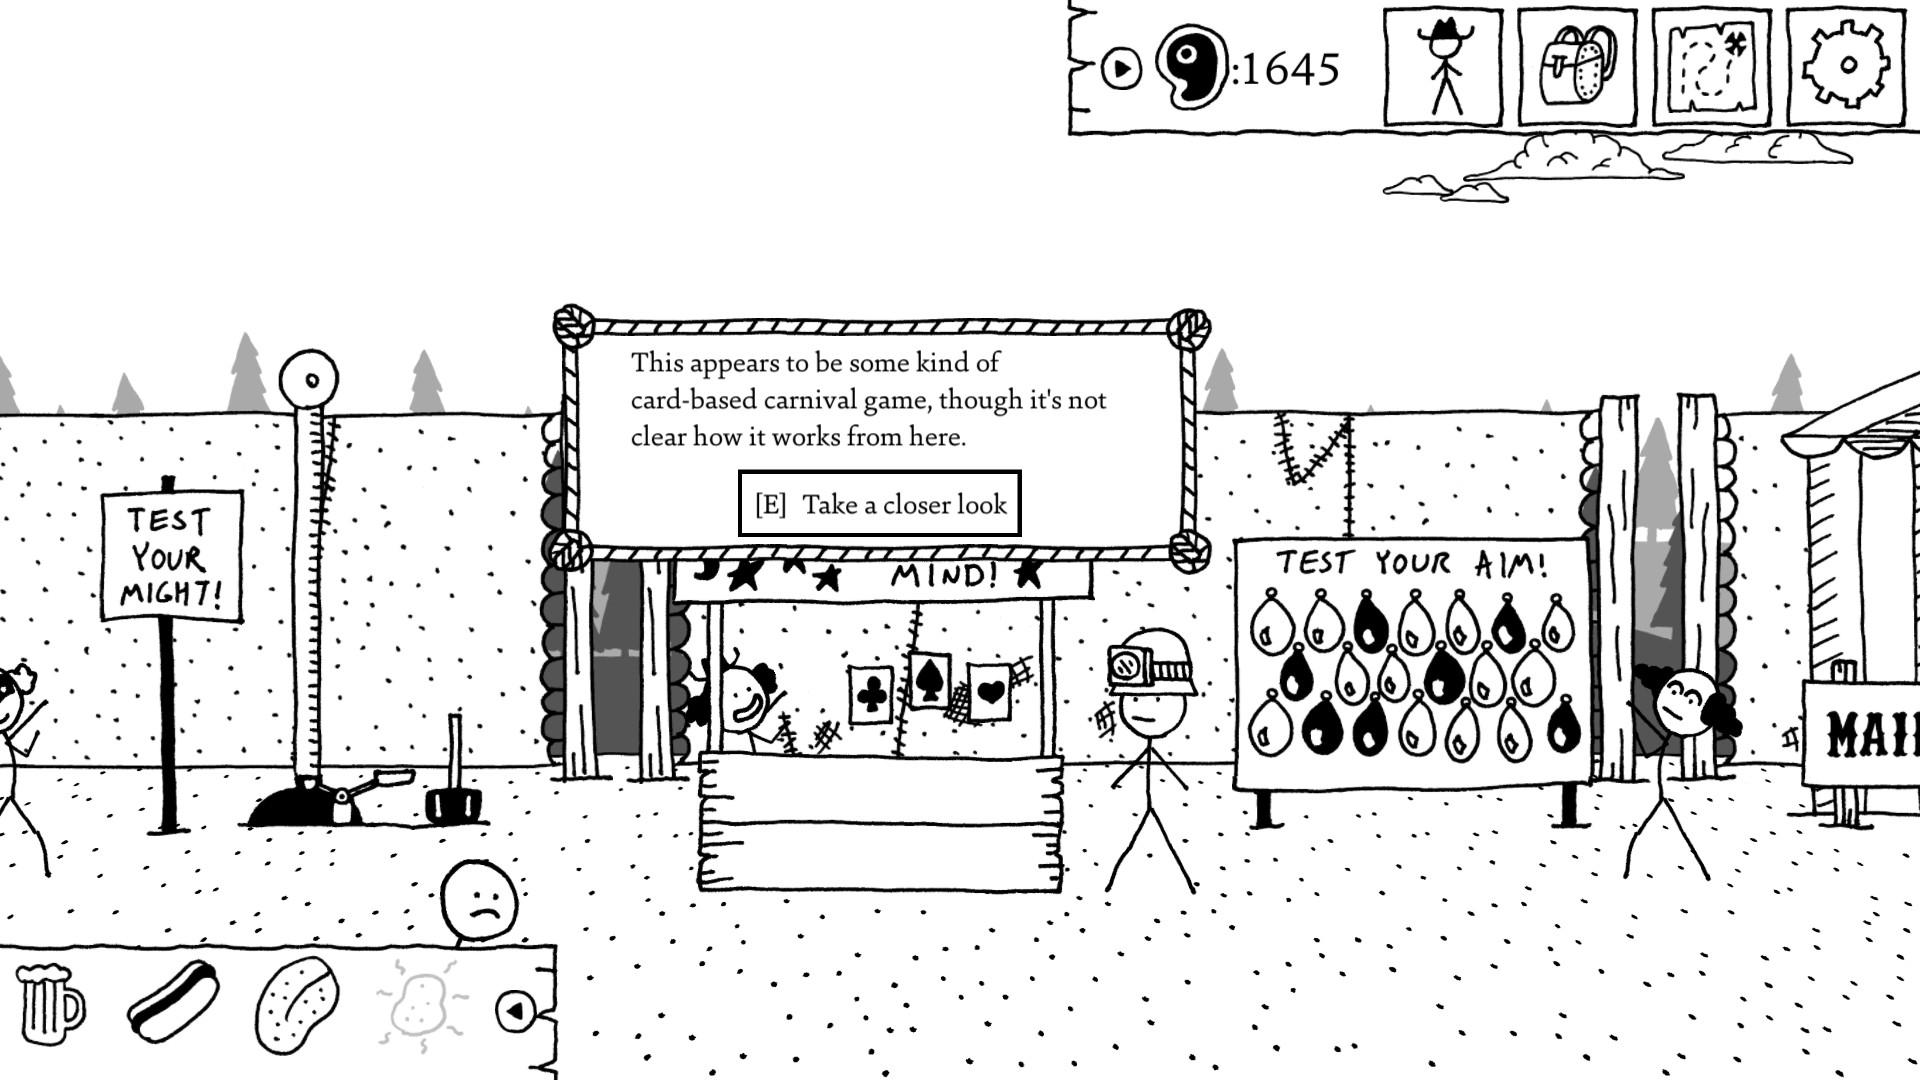 Même les options du moteur graphique font dans la caricature, avec un mode daltonien qui... ne change rien du tout.